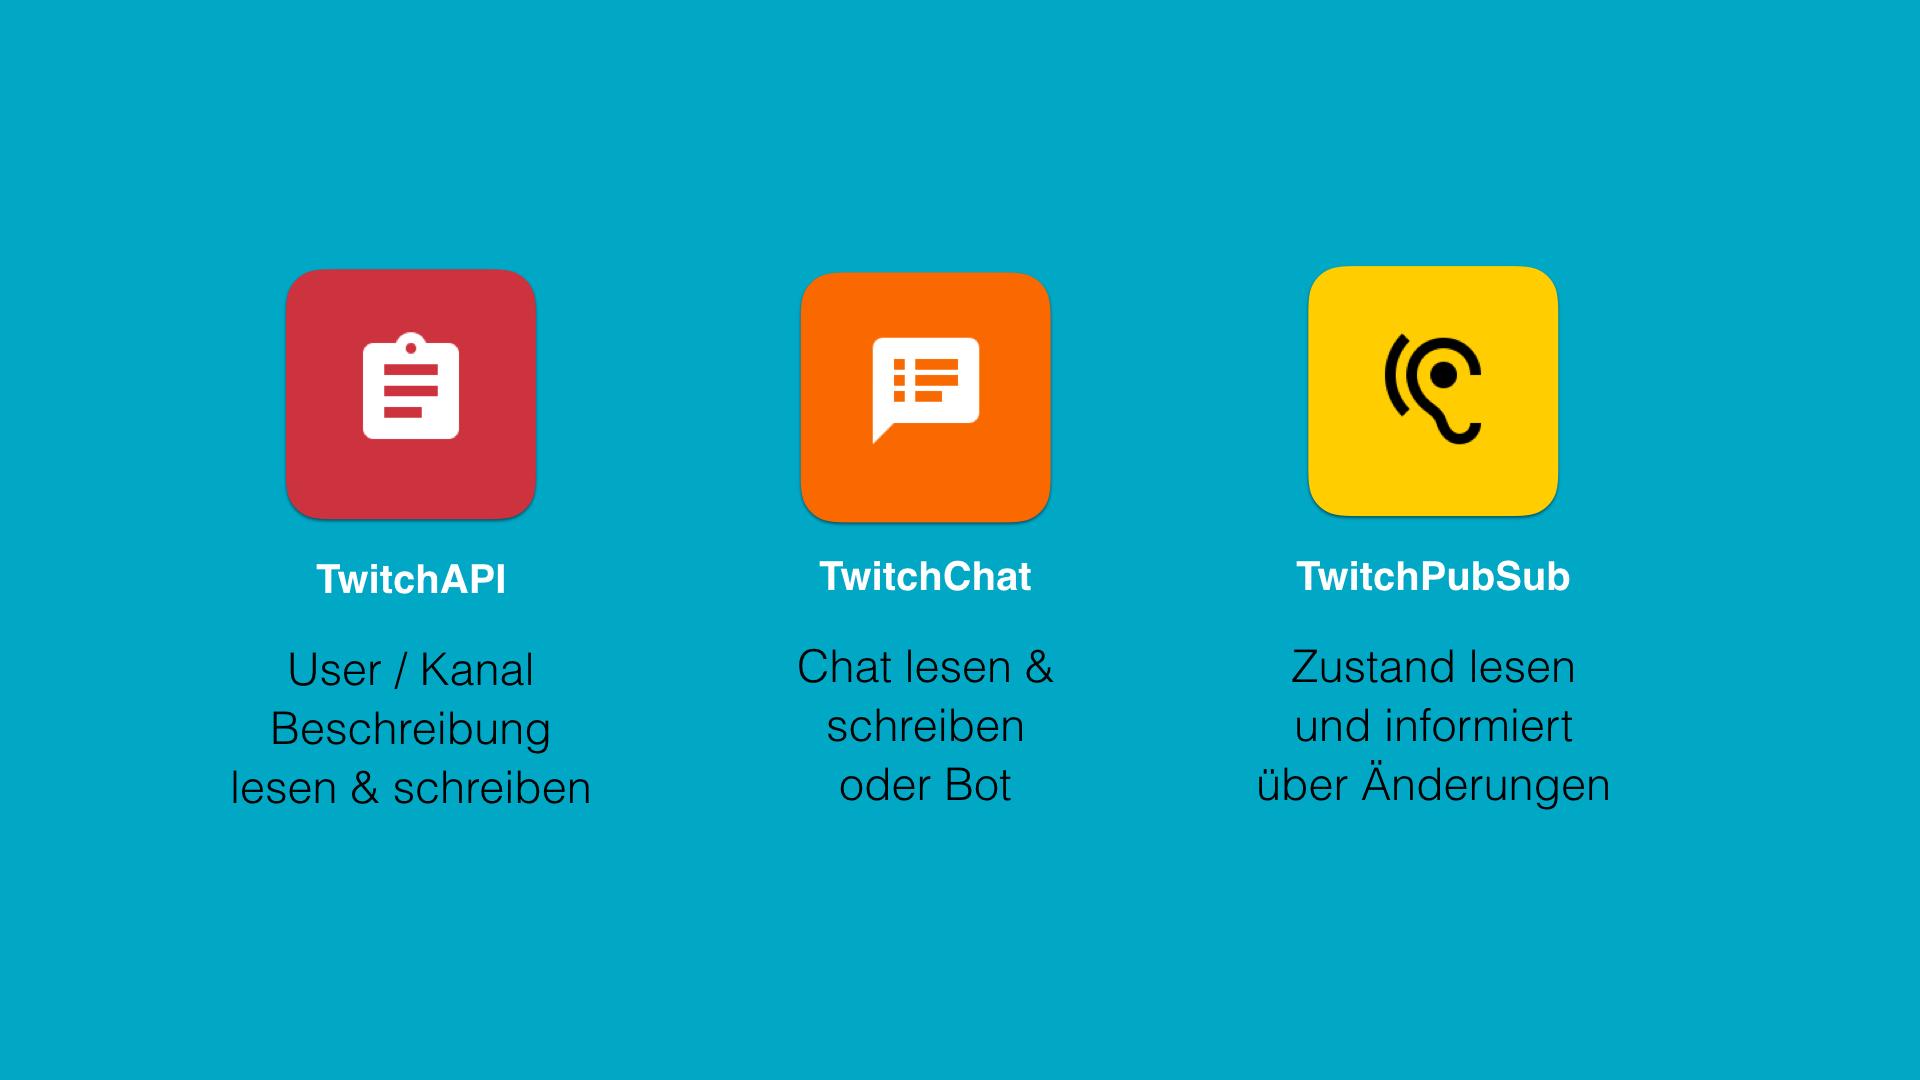 TwitchAPI, TwitchChat und TwitchPubSub